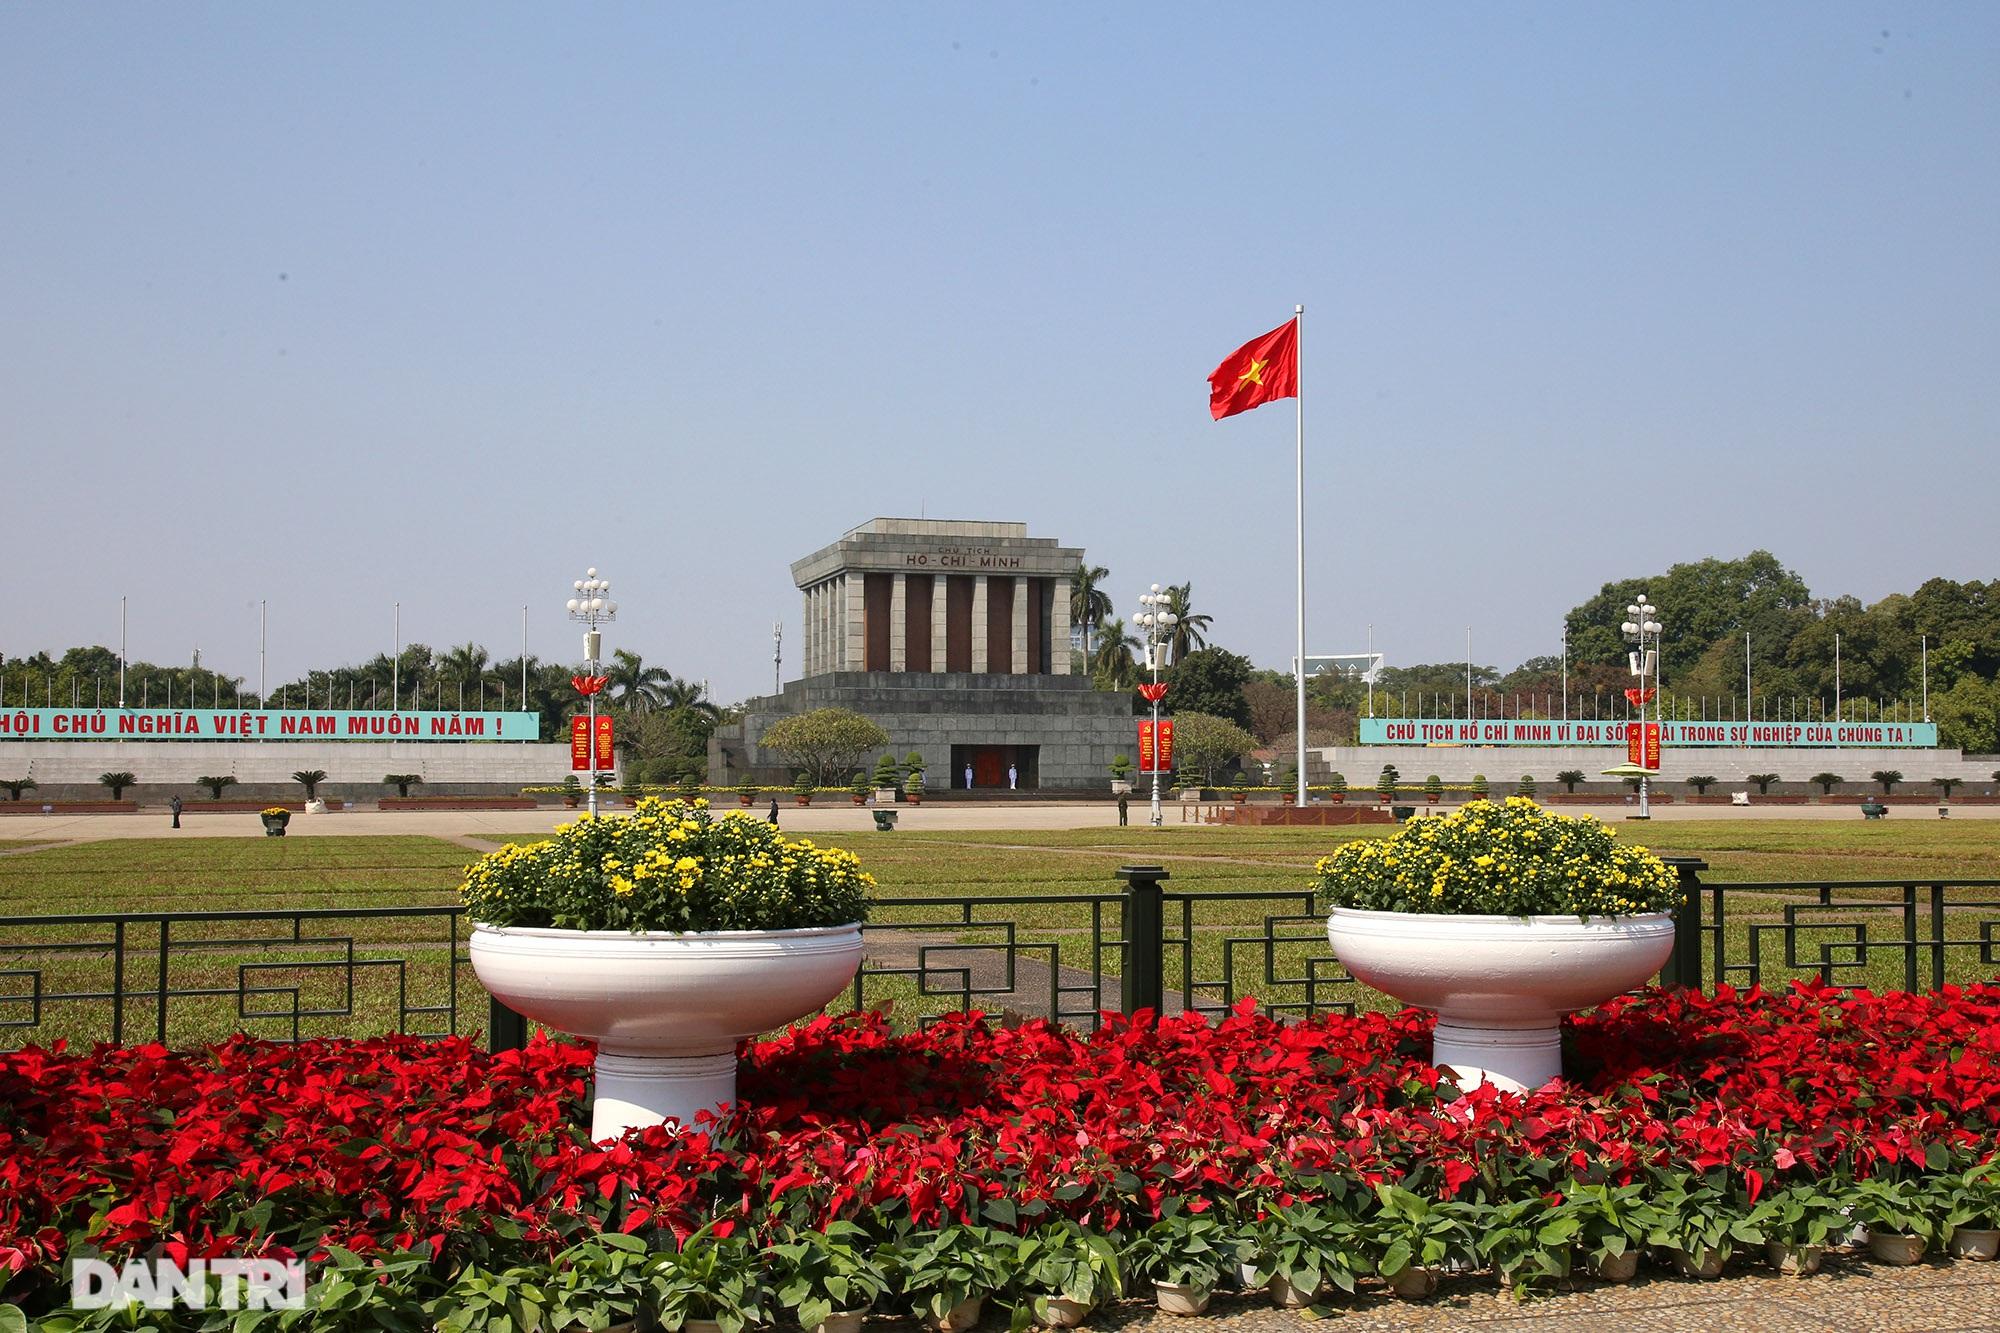 Hồ Gươm trang trí hoa rực rỡ sắc màu chào mừng Đại hội XIII của Đảng - 11